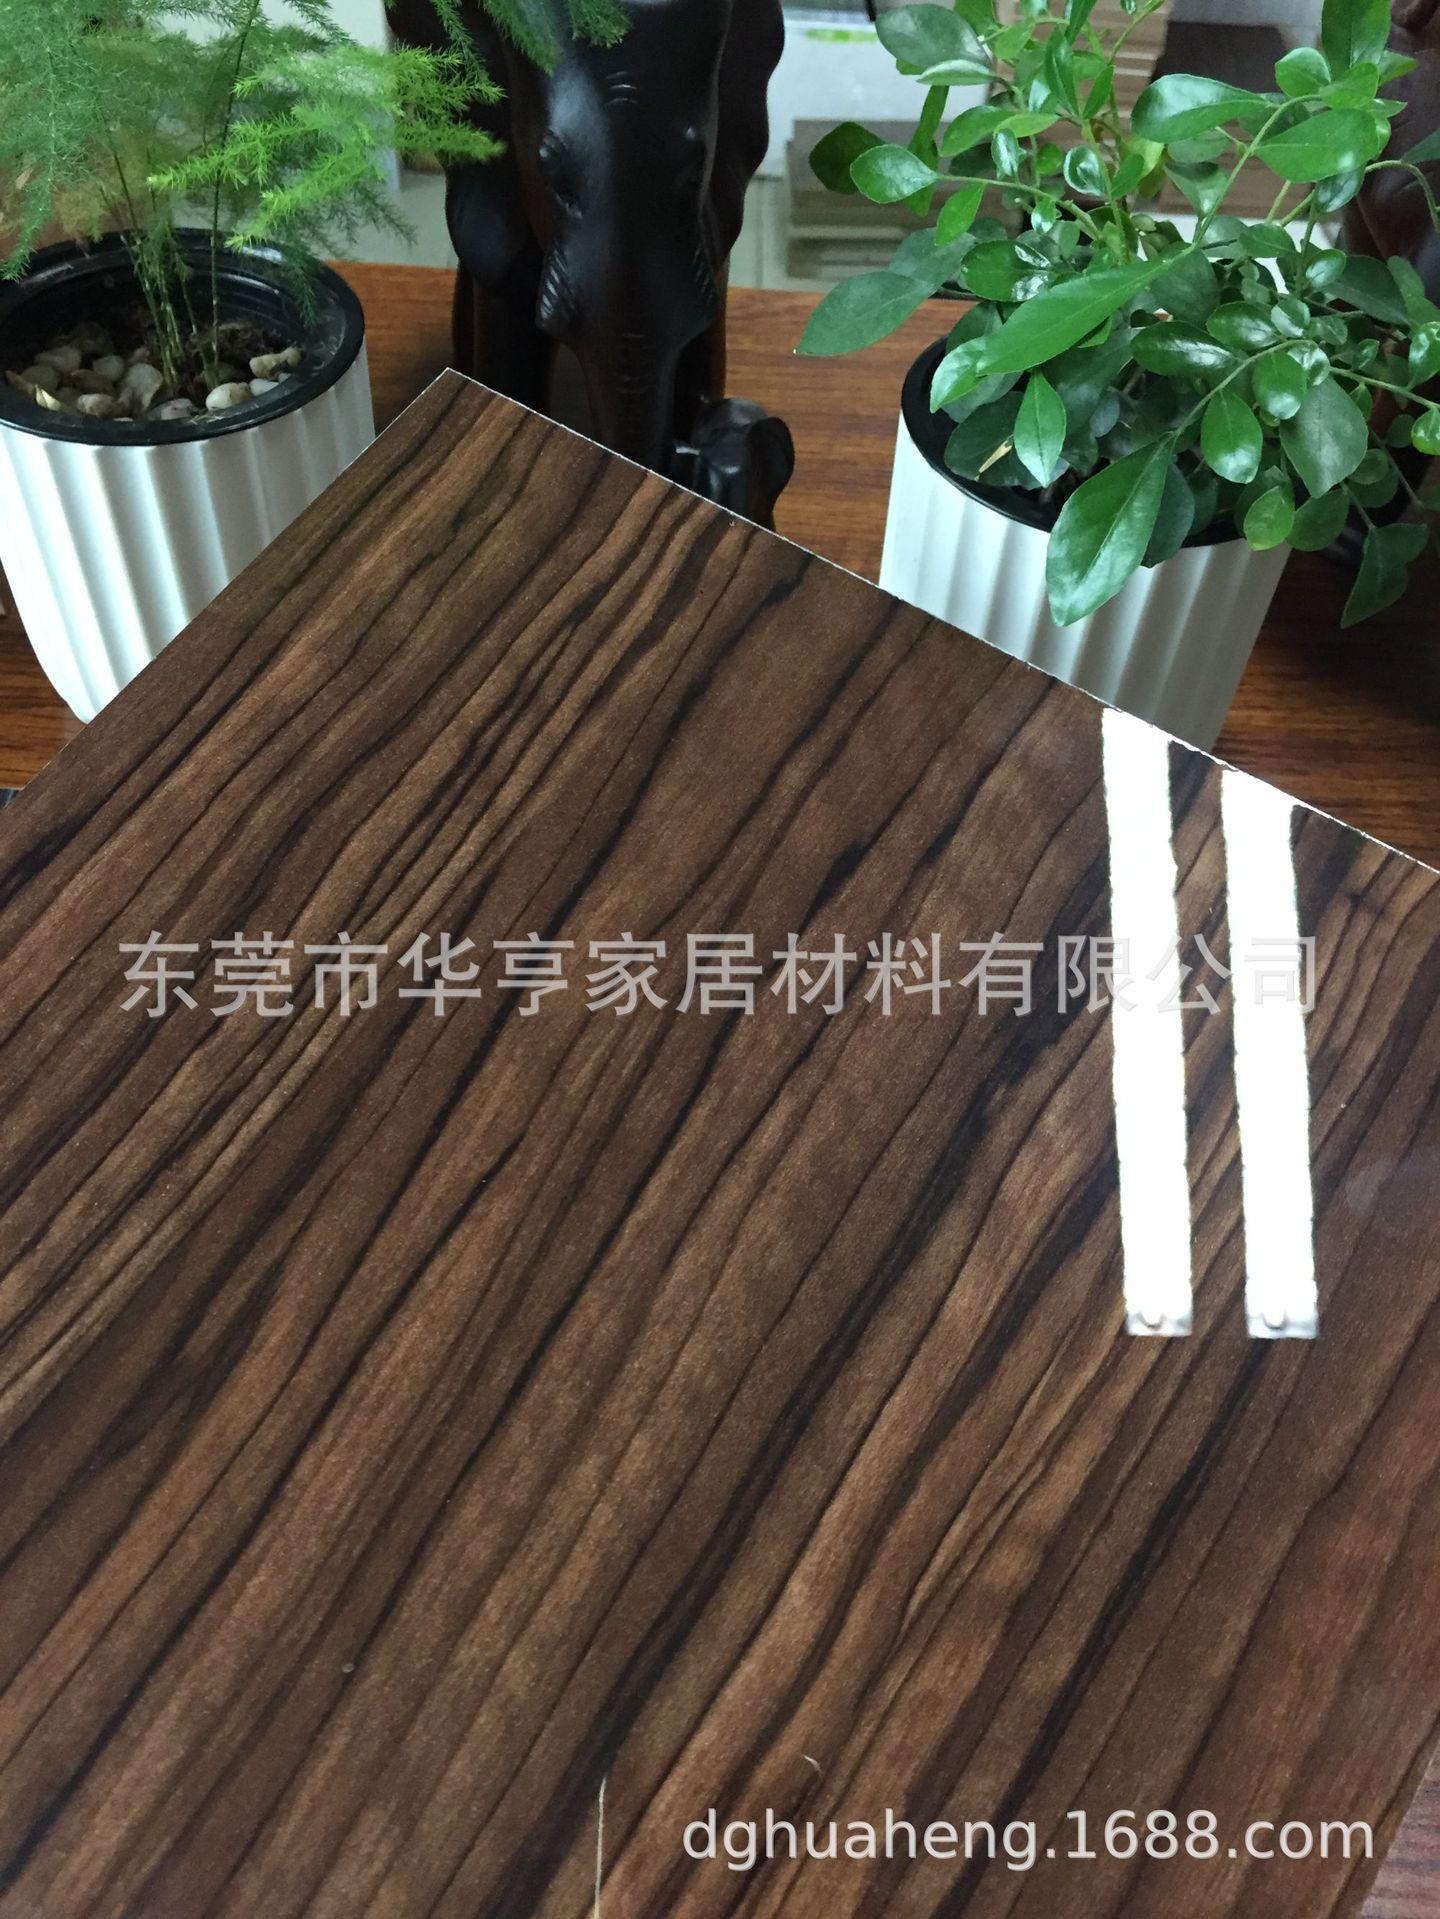 广东UV橱柜门板厂家 高光UV板价格 UV亮光板厂家 高光UV加工厂